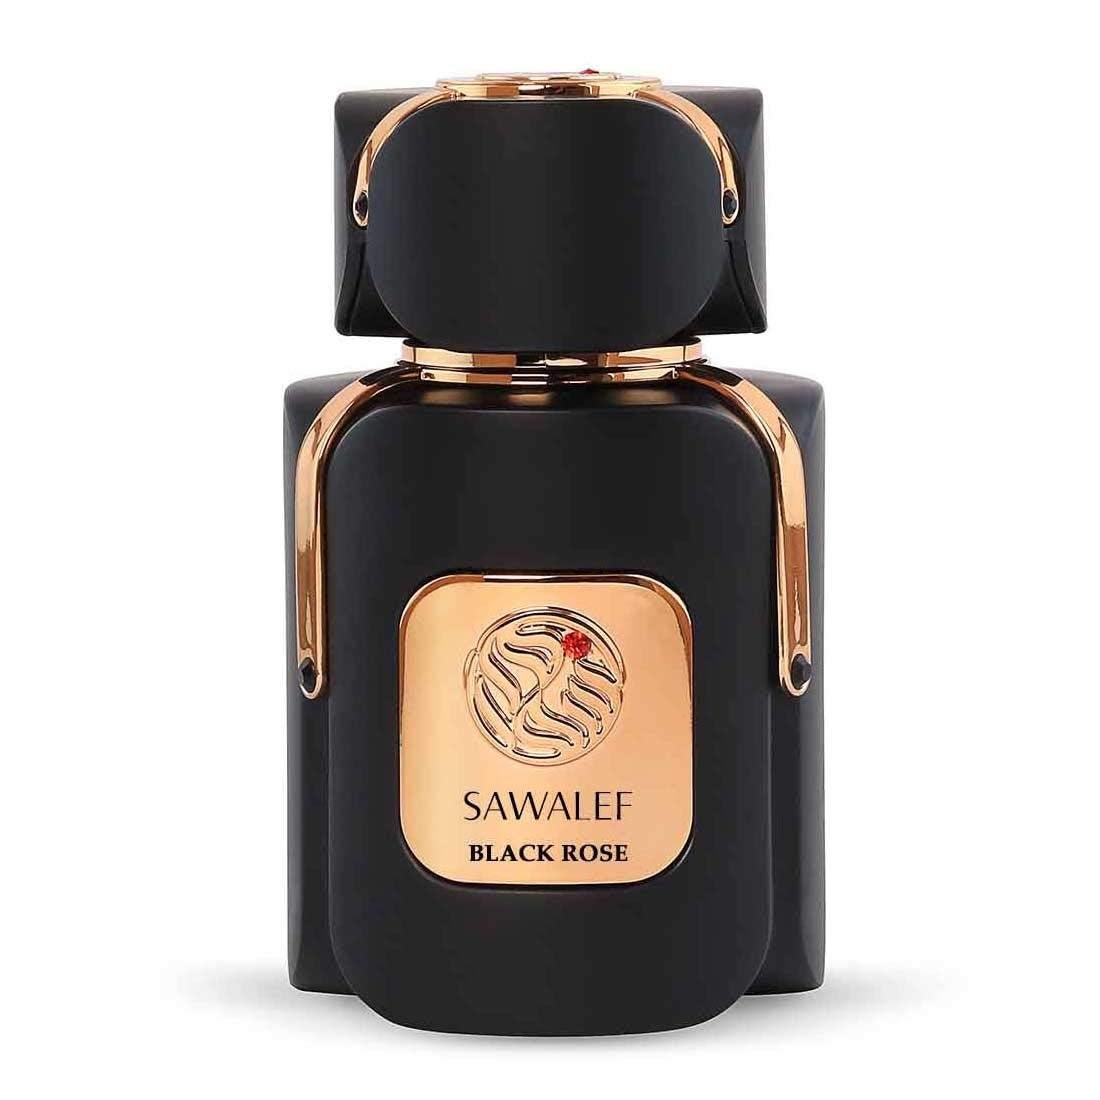 Sawalef Black Rose Unisex Cologne